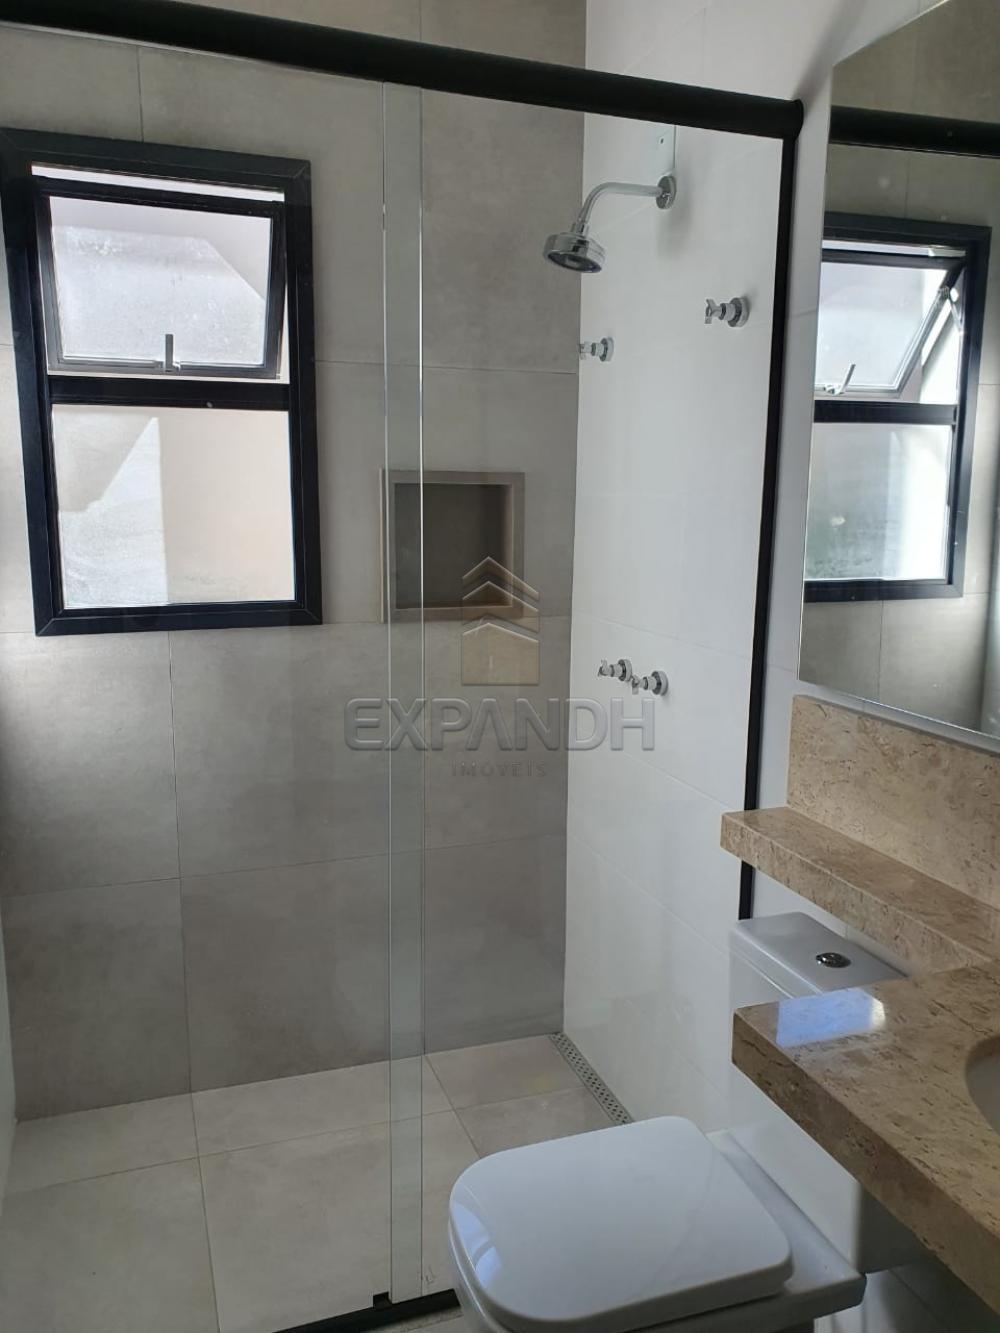 Comprar Casas / Condomínio em Sertãozinho R$ 386.392,00 - Foto 13